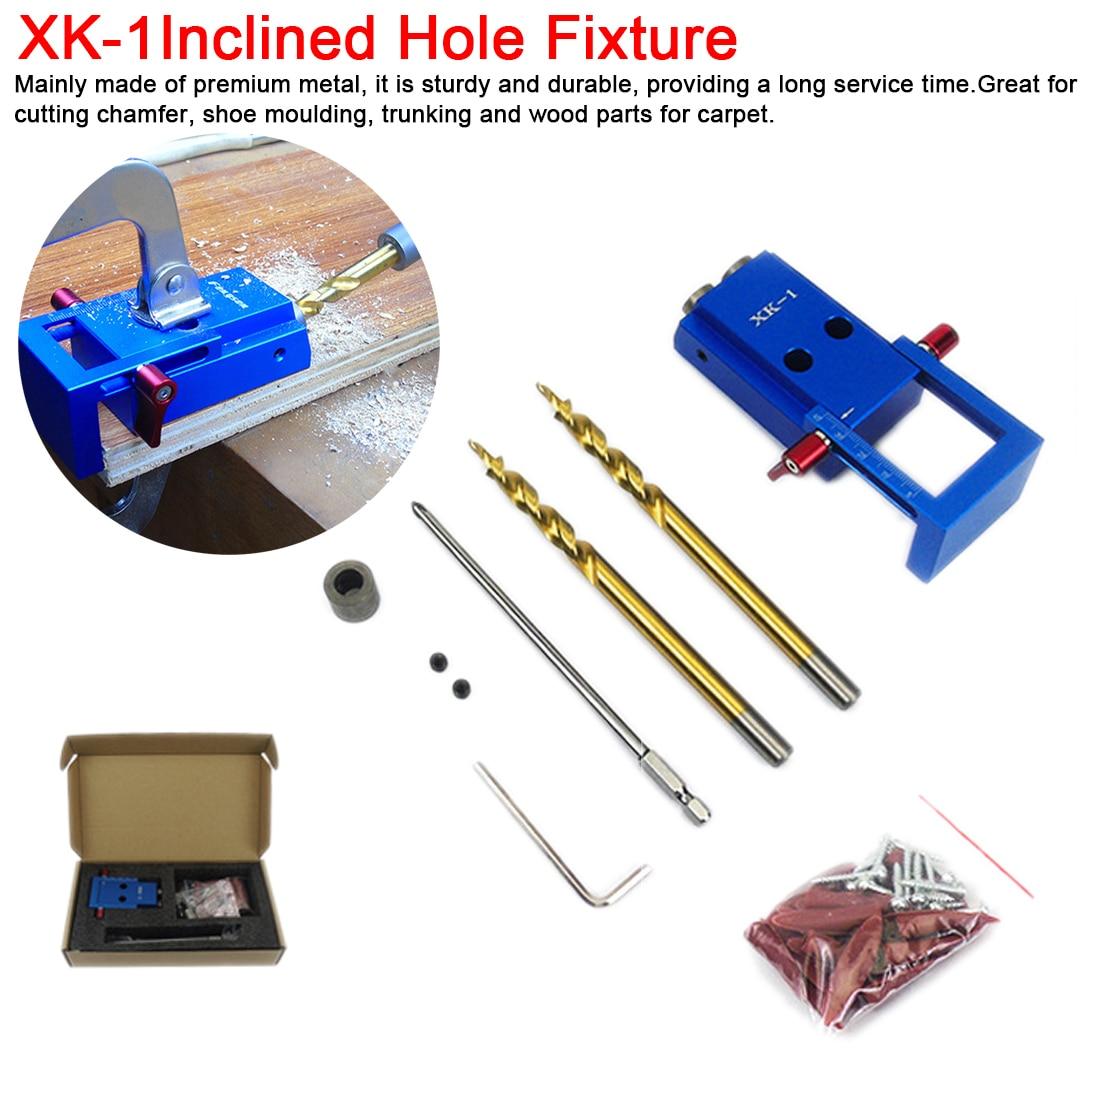 Holzbearbeitung Tasche Loch Jig Kit 6/8/10mm Winkel Drill Guide Set Loch Puncher Locator Jig Bohrer bit Set Für DIY Zimmerei Werkzeuge